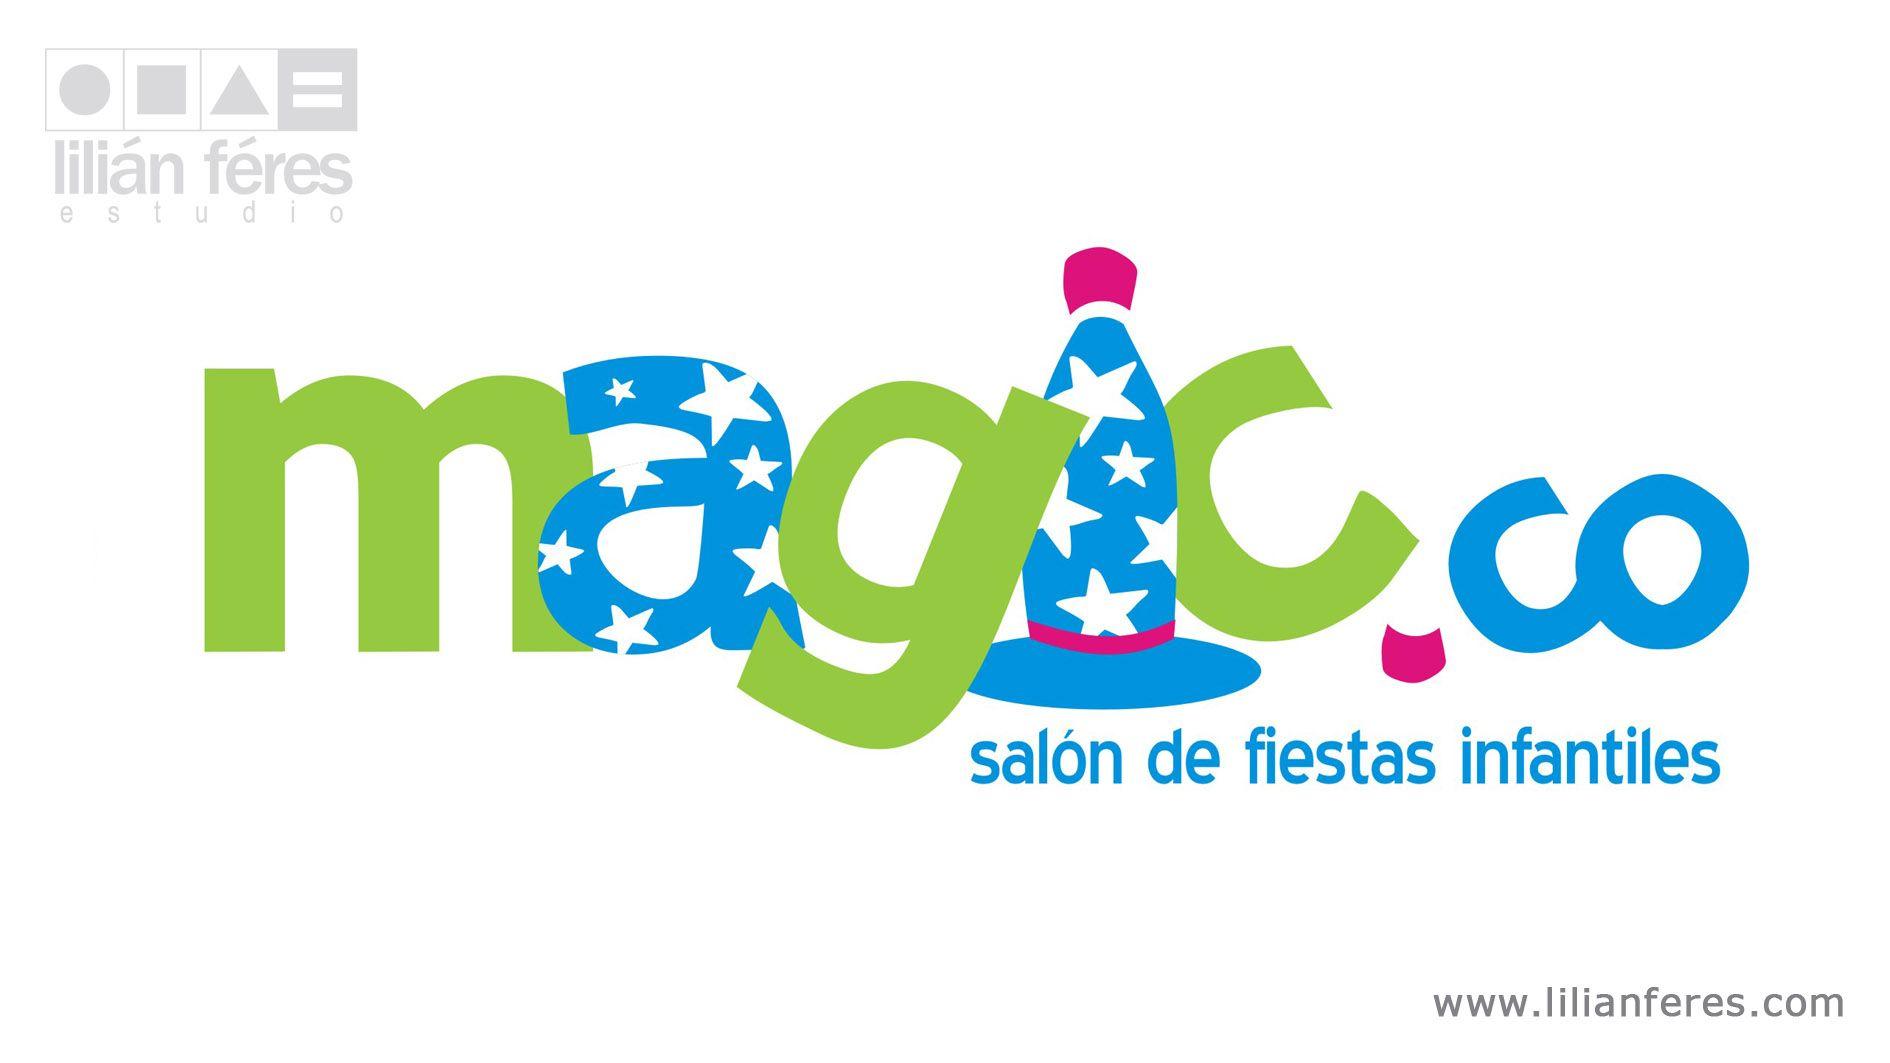 Diseño De Logotipo Para Salón De Fiestas Infantiles Salones De Fiestas Artesanías De Niños Planificación De Fiesta